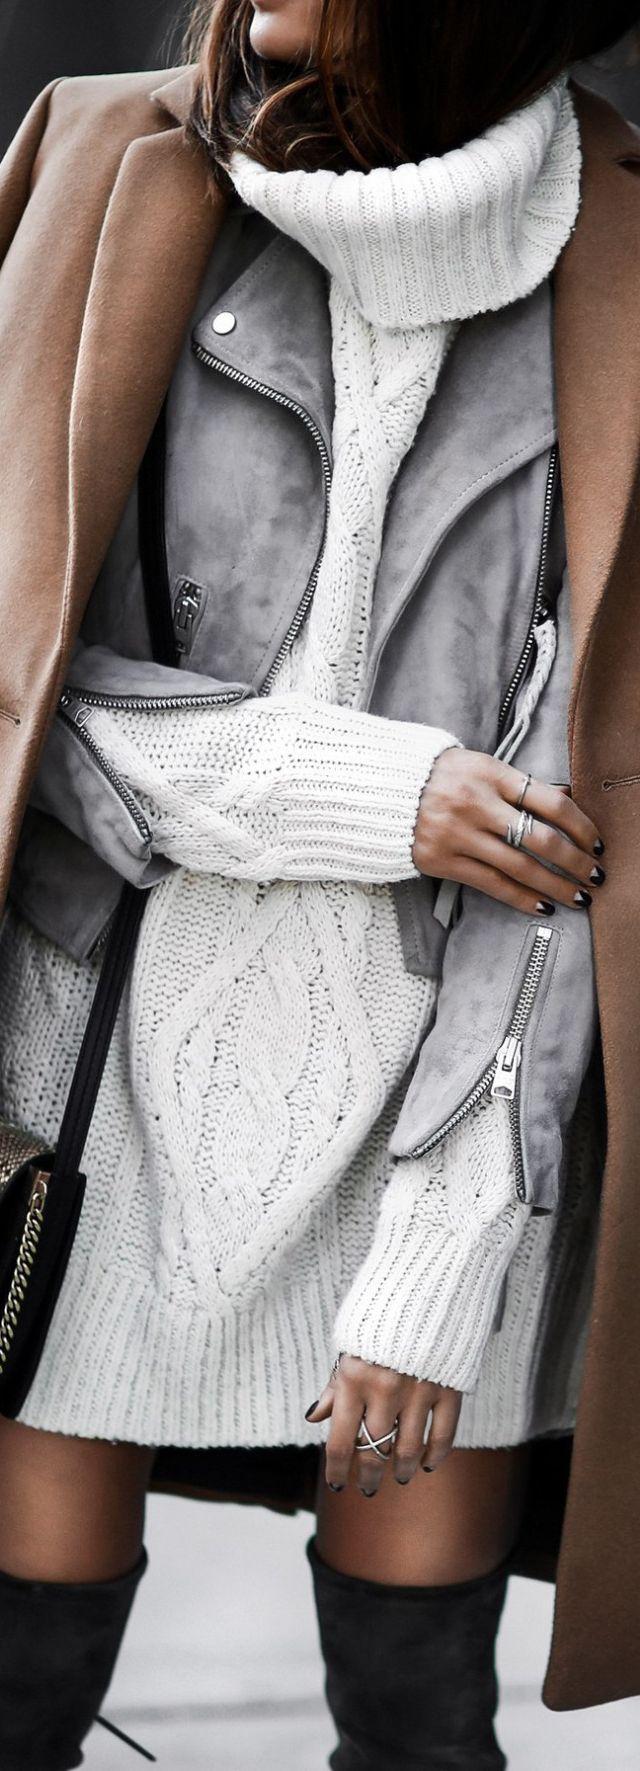 Street Fashion... layers. Minimalistic jewelry. Perfection.